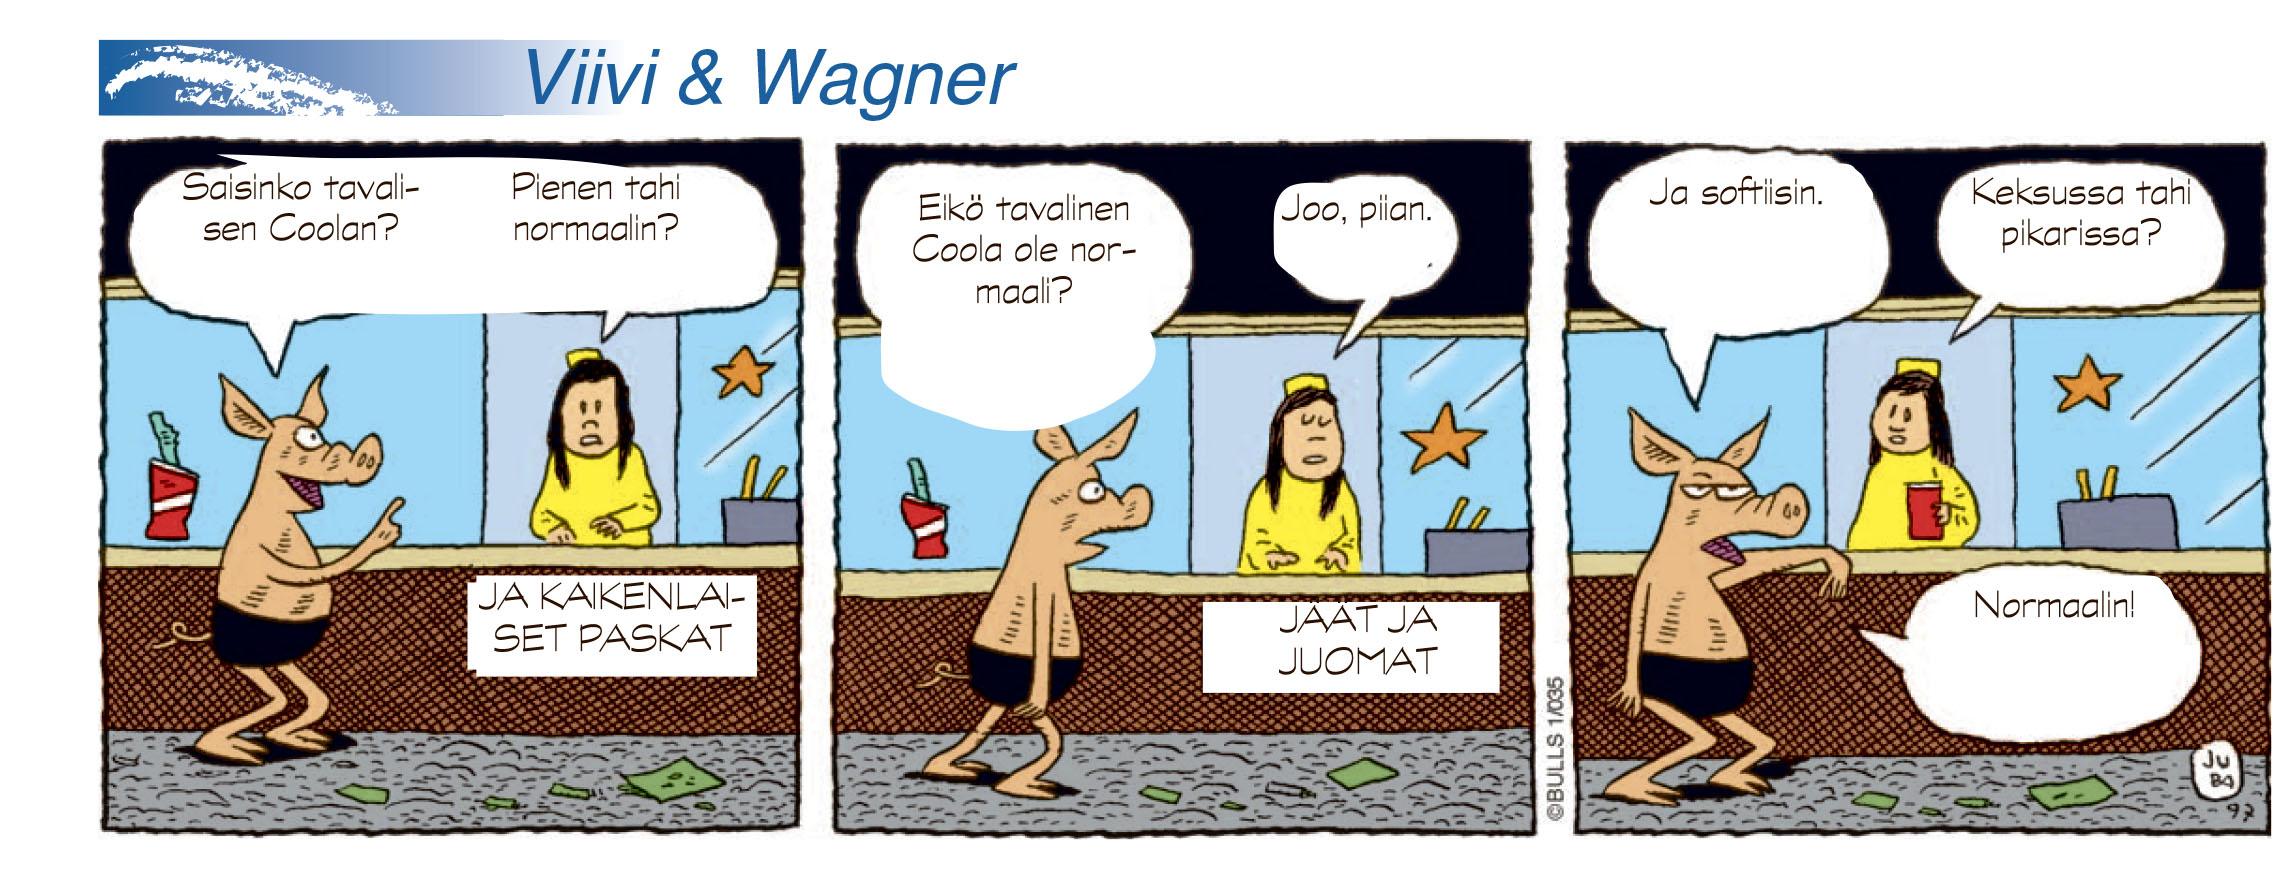 Viivi & Wagner (nr 3 -2015)